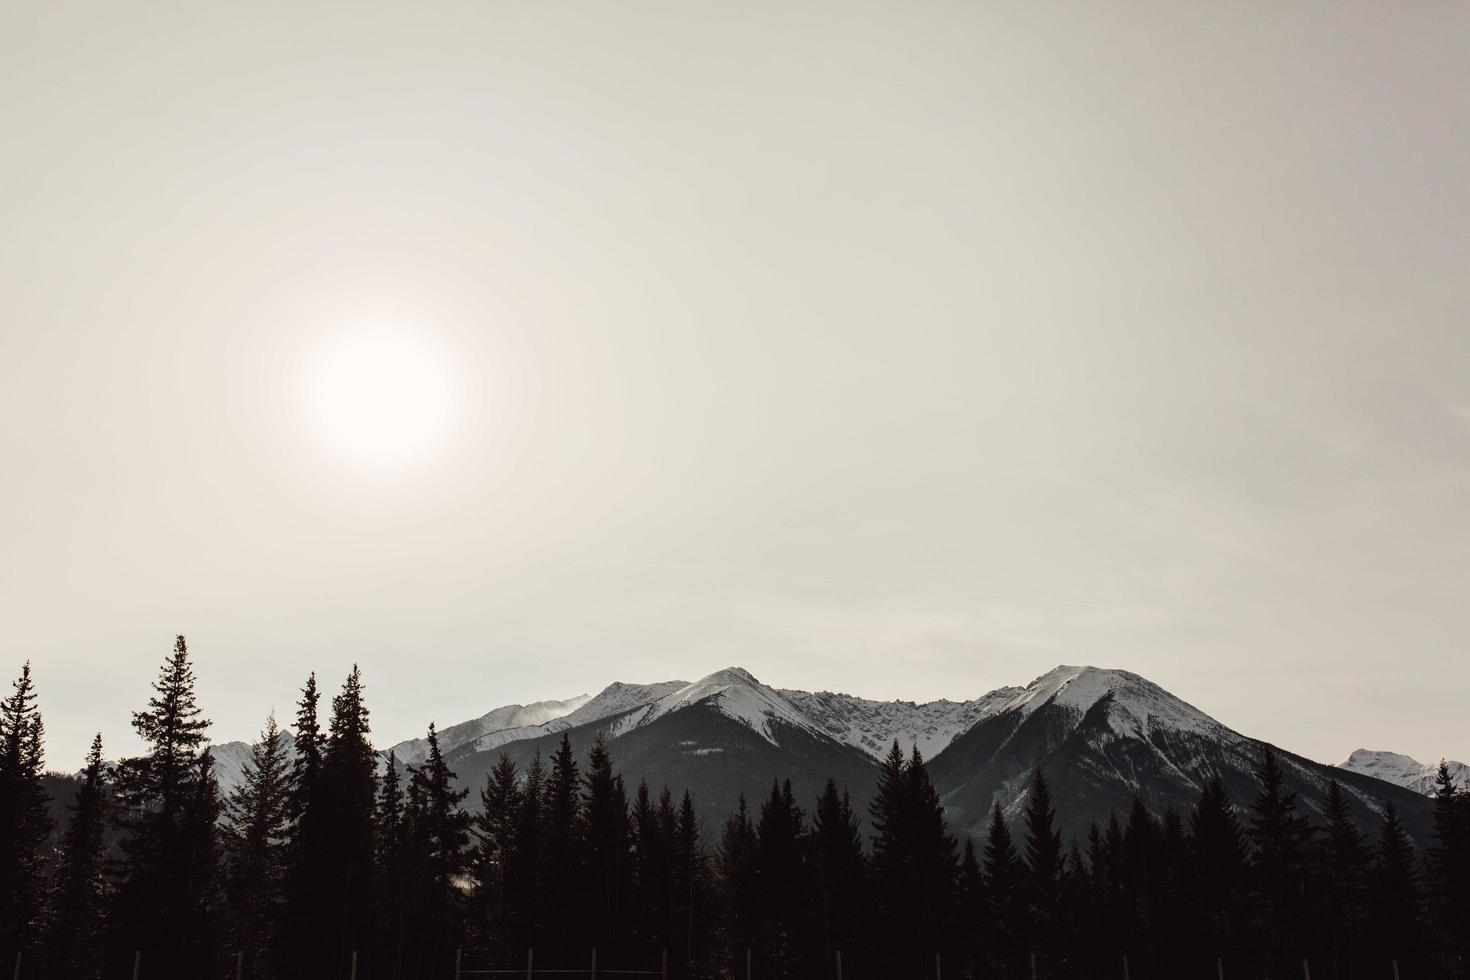 foto di paesaggio in scala di grigi della montagna